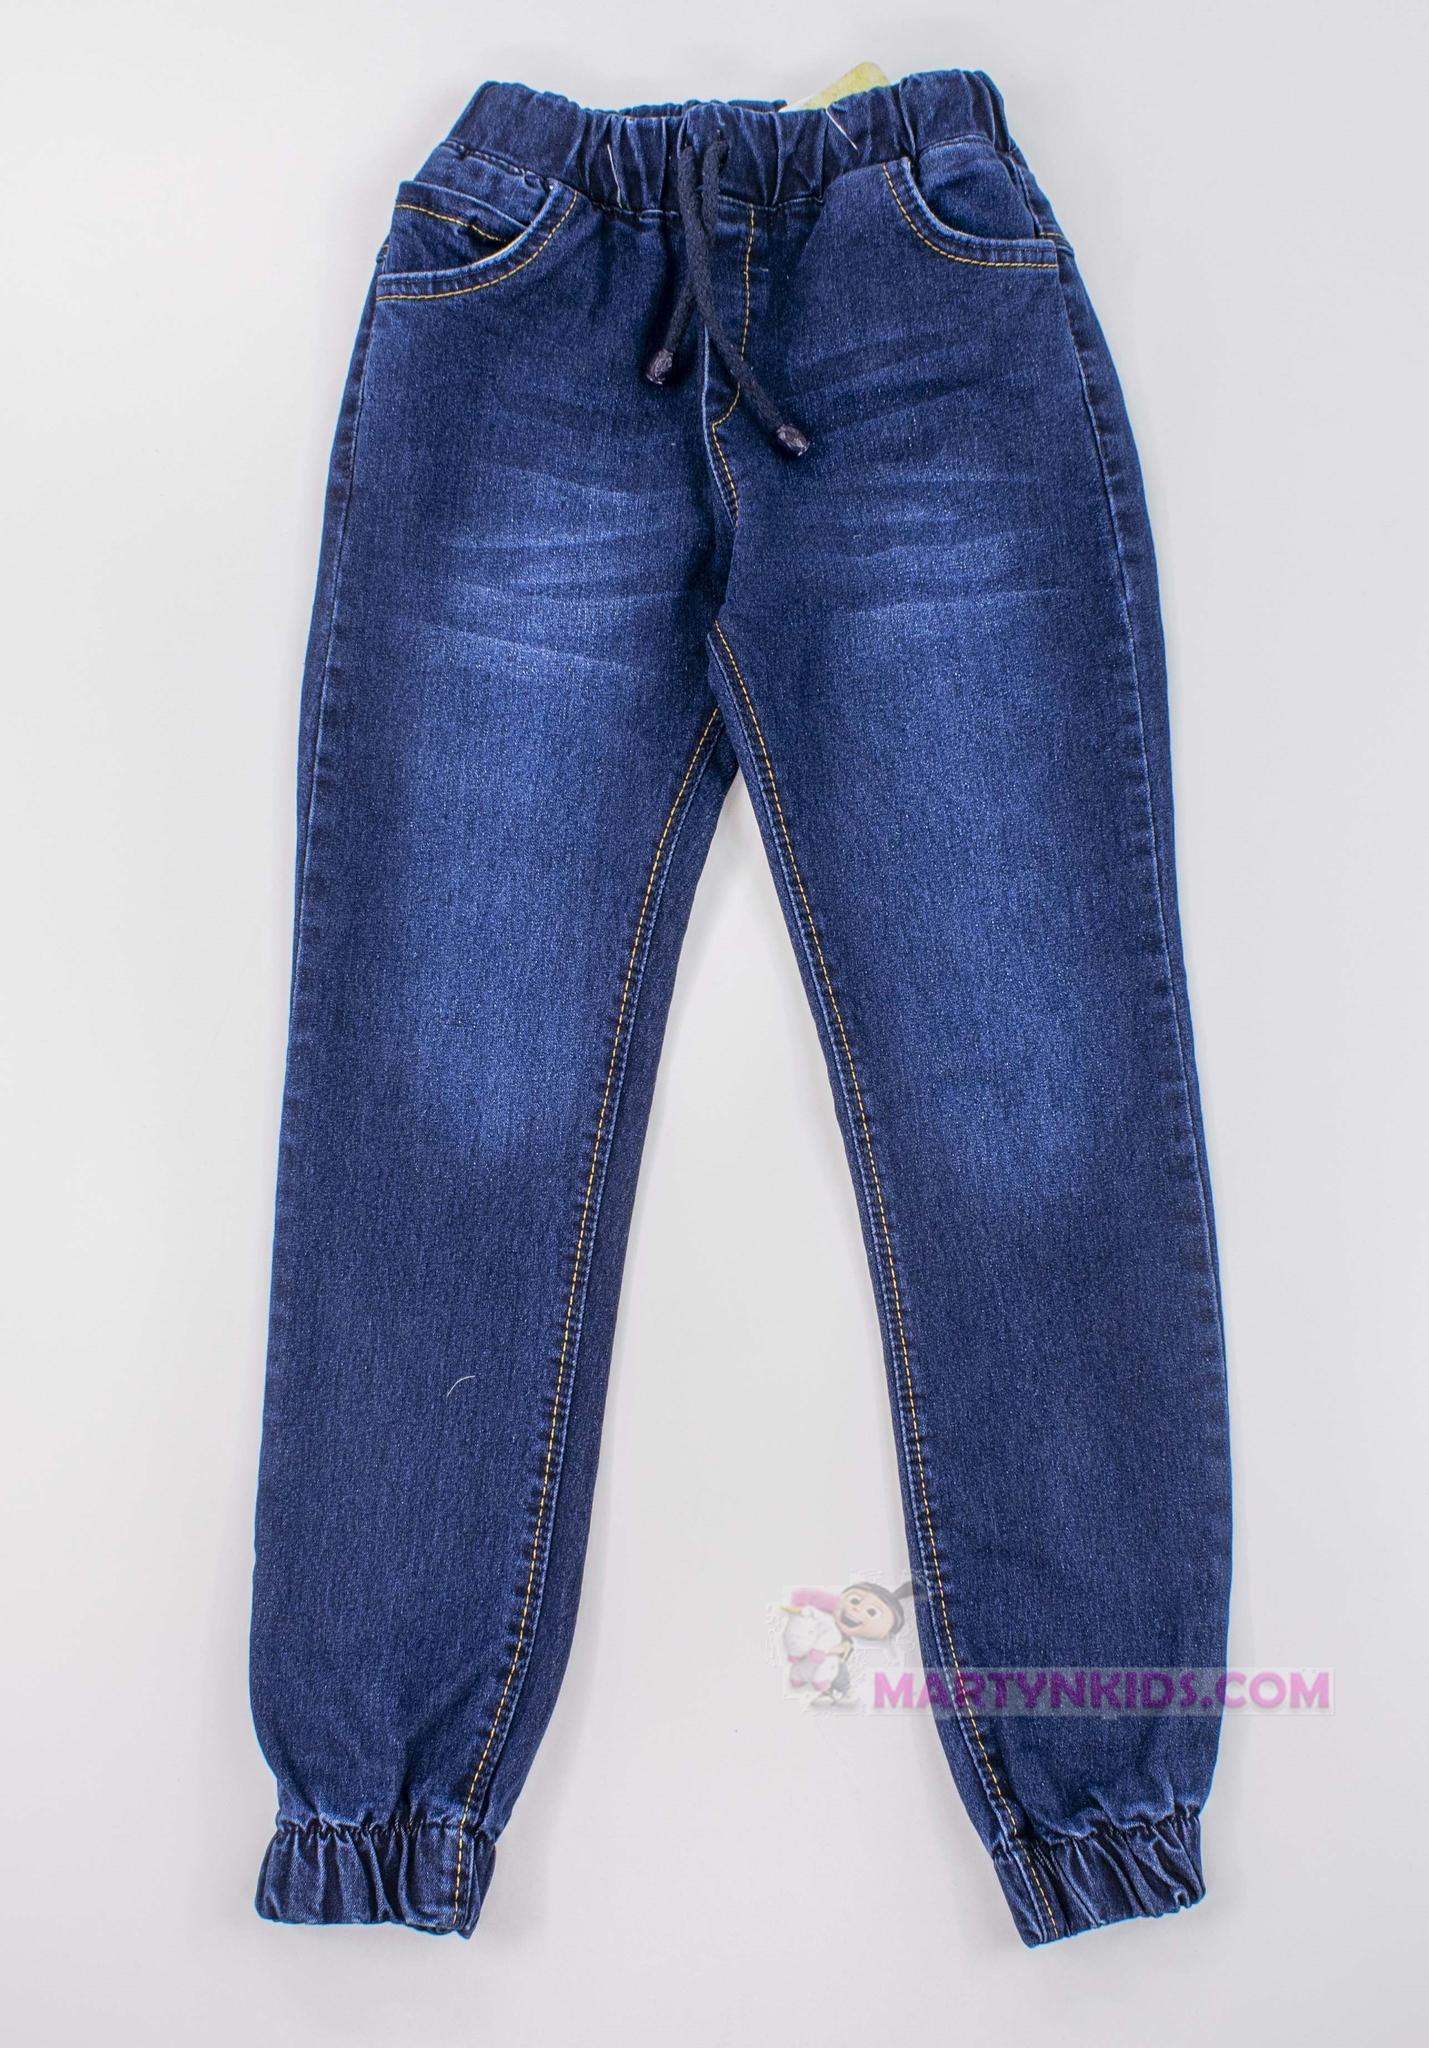 3391 джинсы-джогеры Классик  стрейч 2